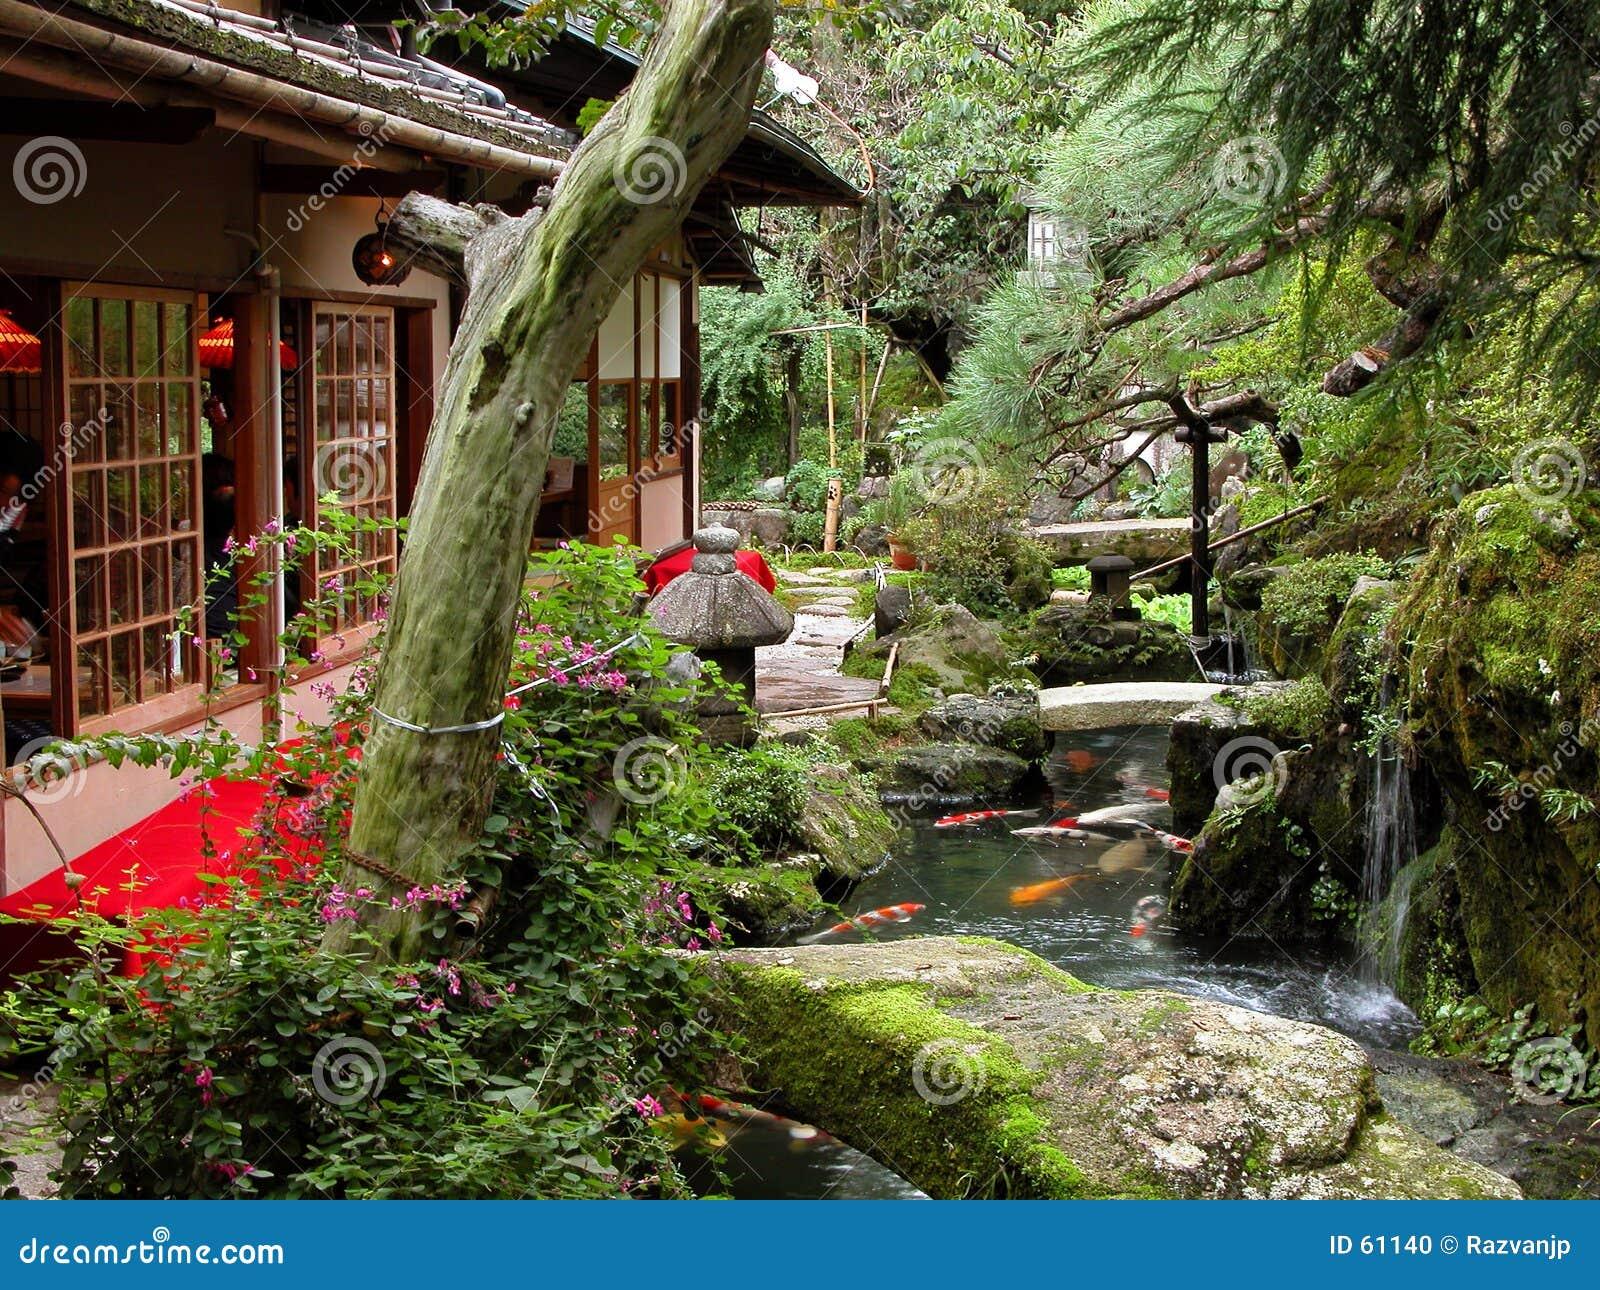 imagens jardim japones : imagens jardim japones:Japanese Garden Screensaver